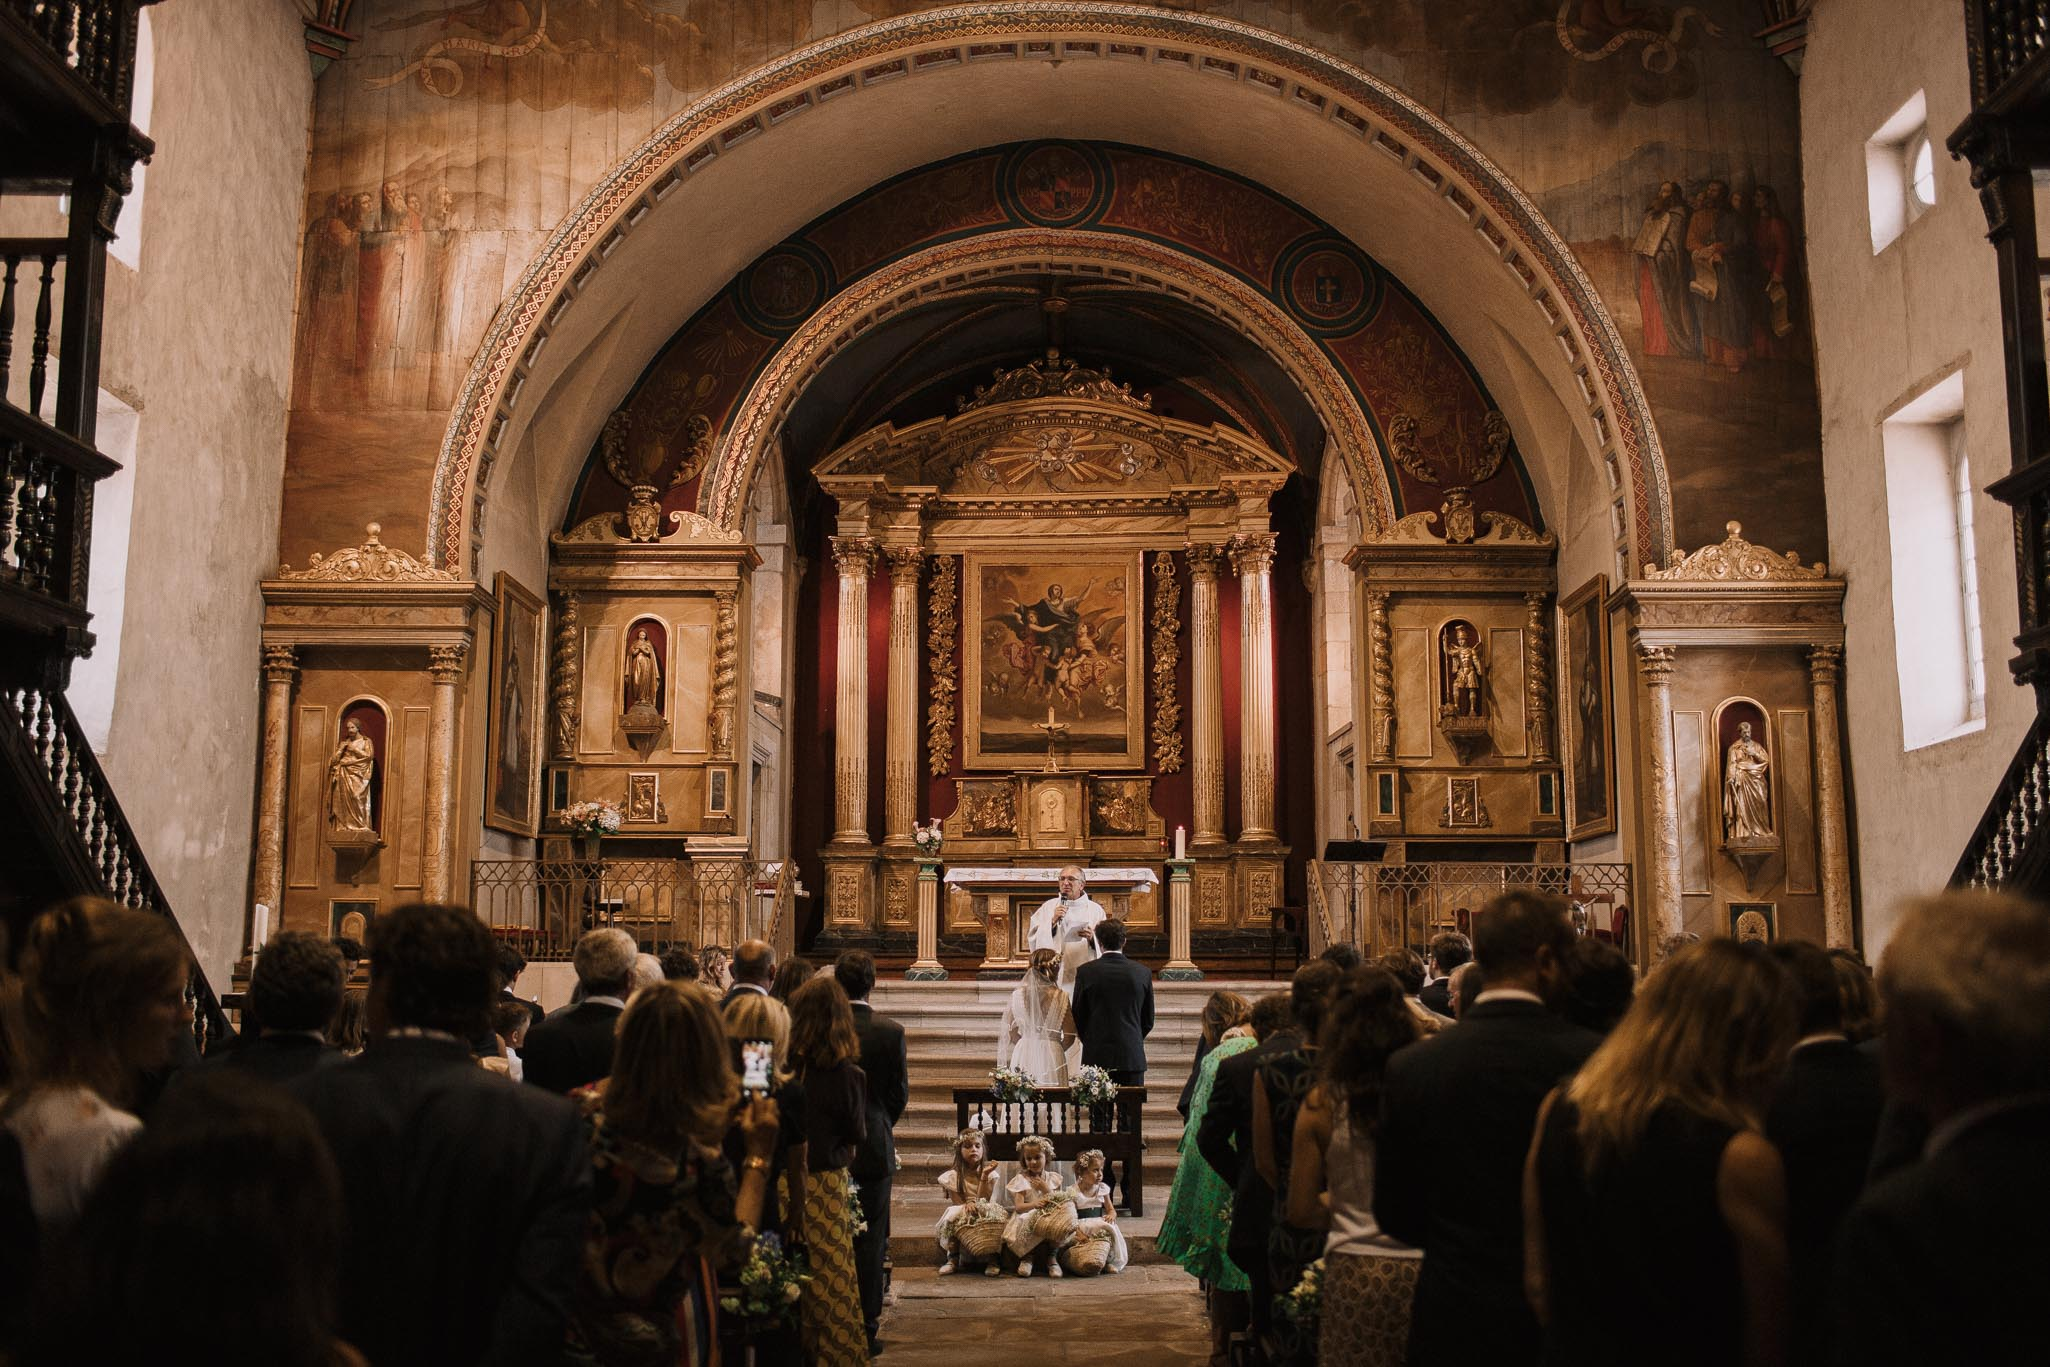 Photographe-mariage-bordeaux-jeremy-boyer-pays-basque-ihartze-artea-sare-robe-eleonore-pauc-couple-amour-66.jpg